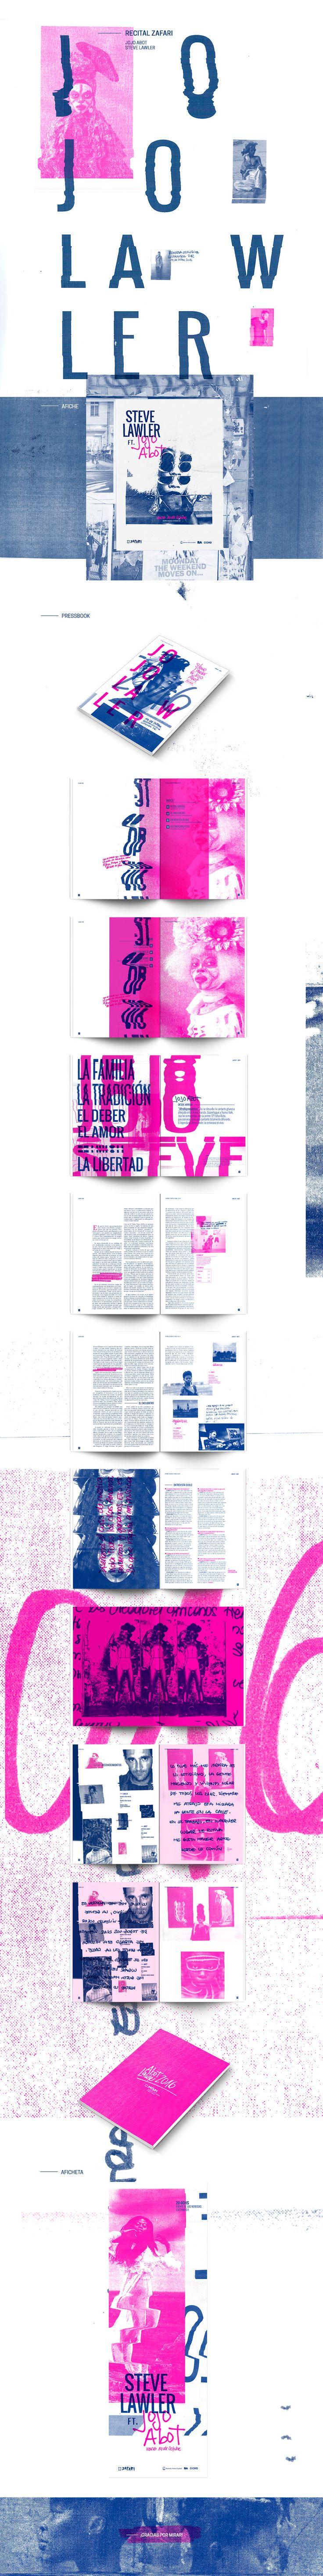 Jojo Abot ft. Steve Lawler - Pressbook on Behance